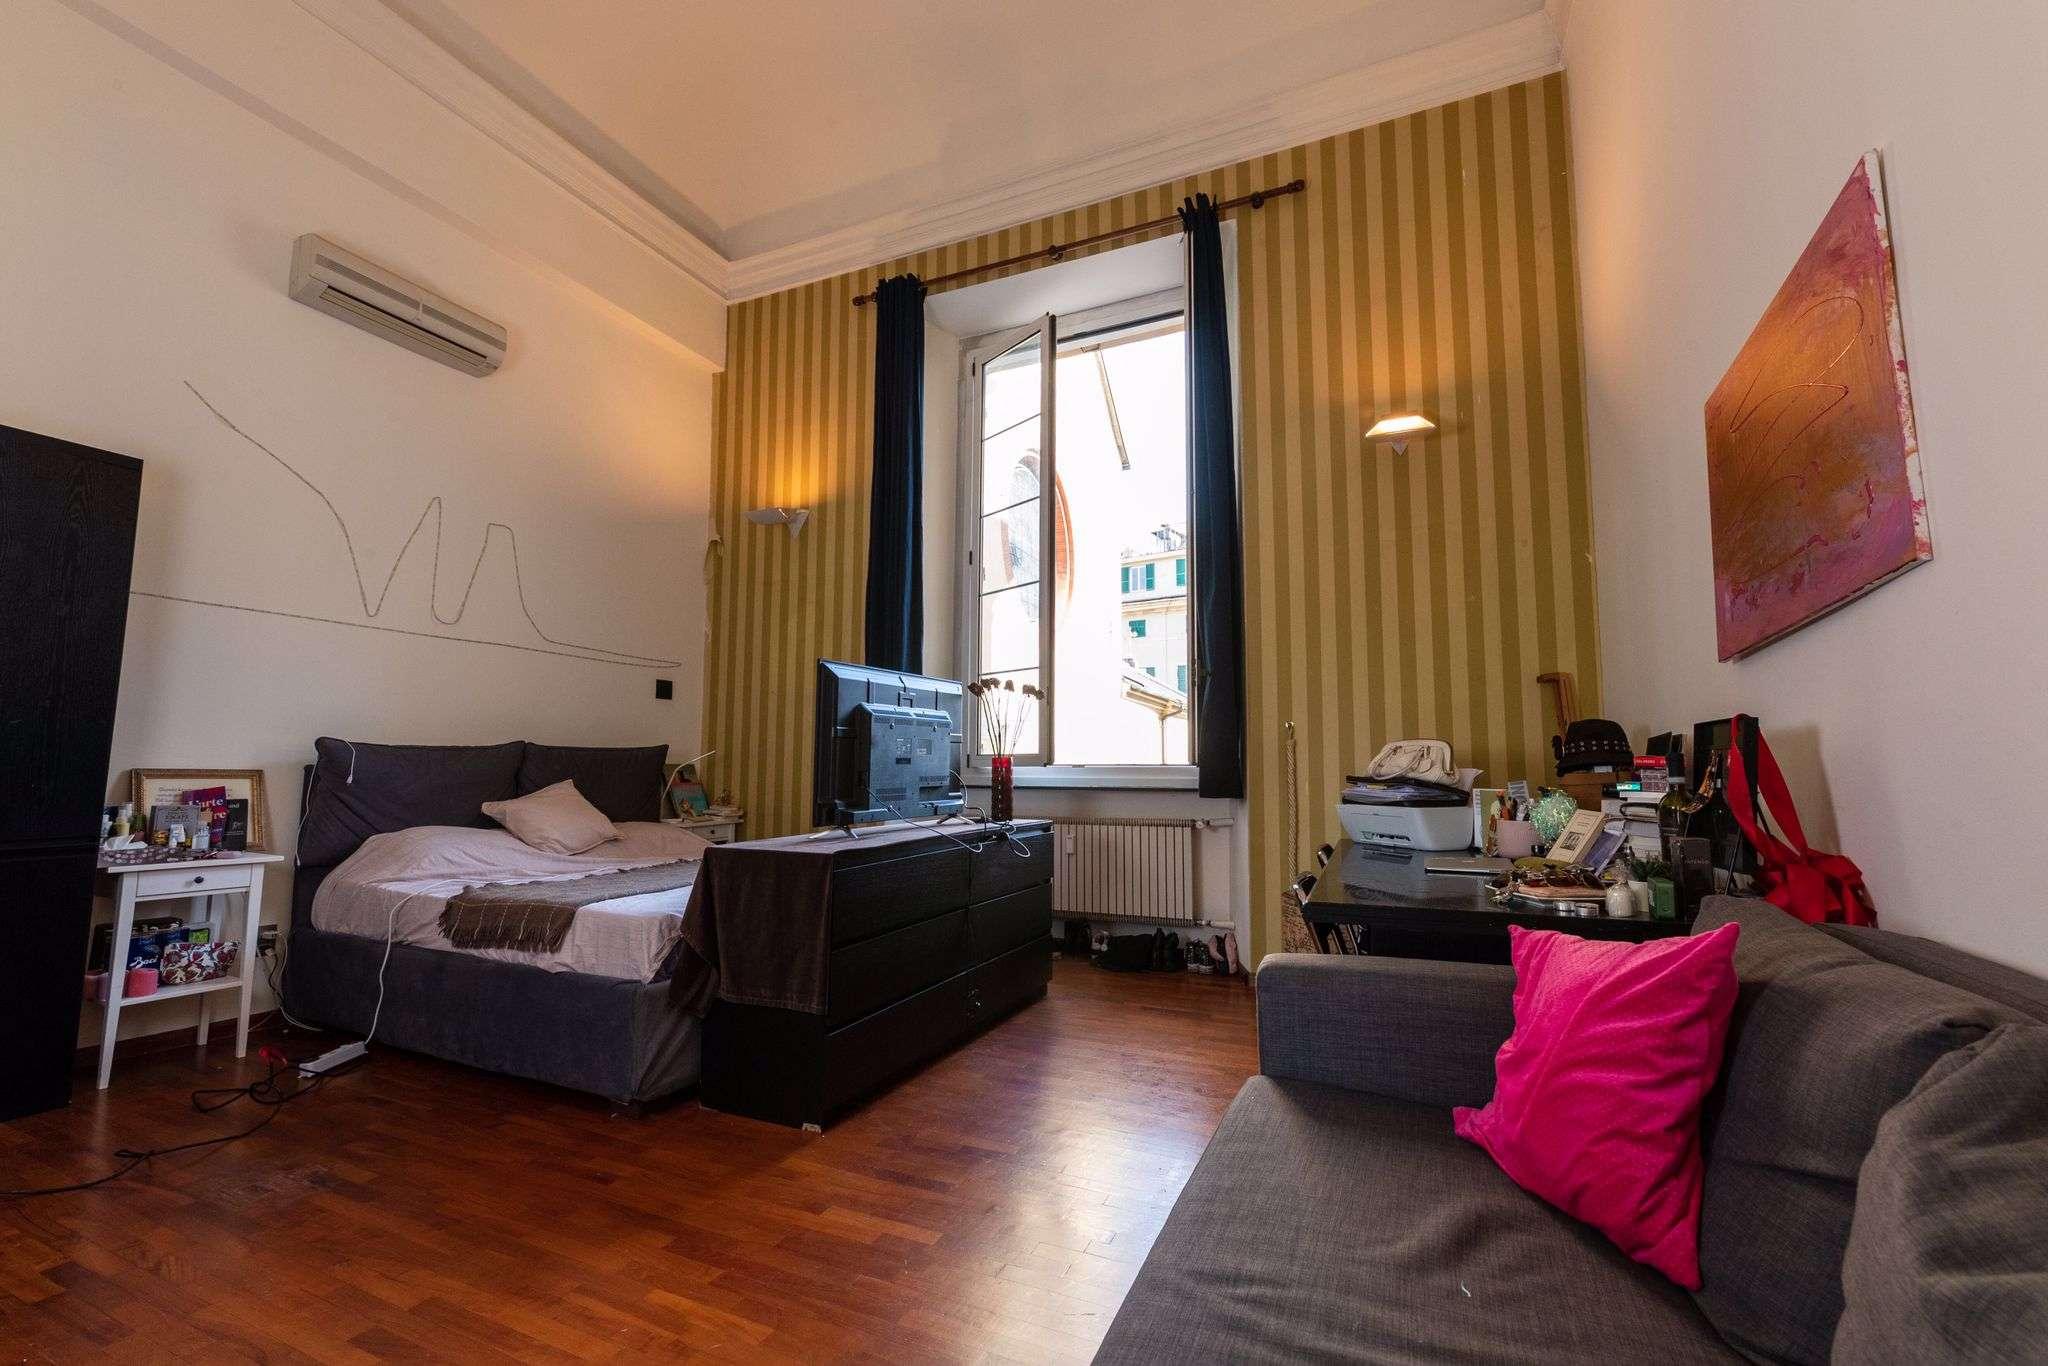 Appartamento in vendita a Genova, 9 locali, prezzo € 370.000 | PortaleAgenzieImmobiliari.it